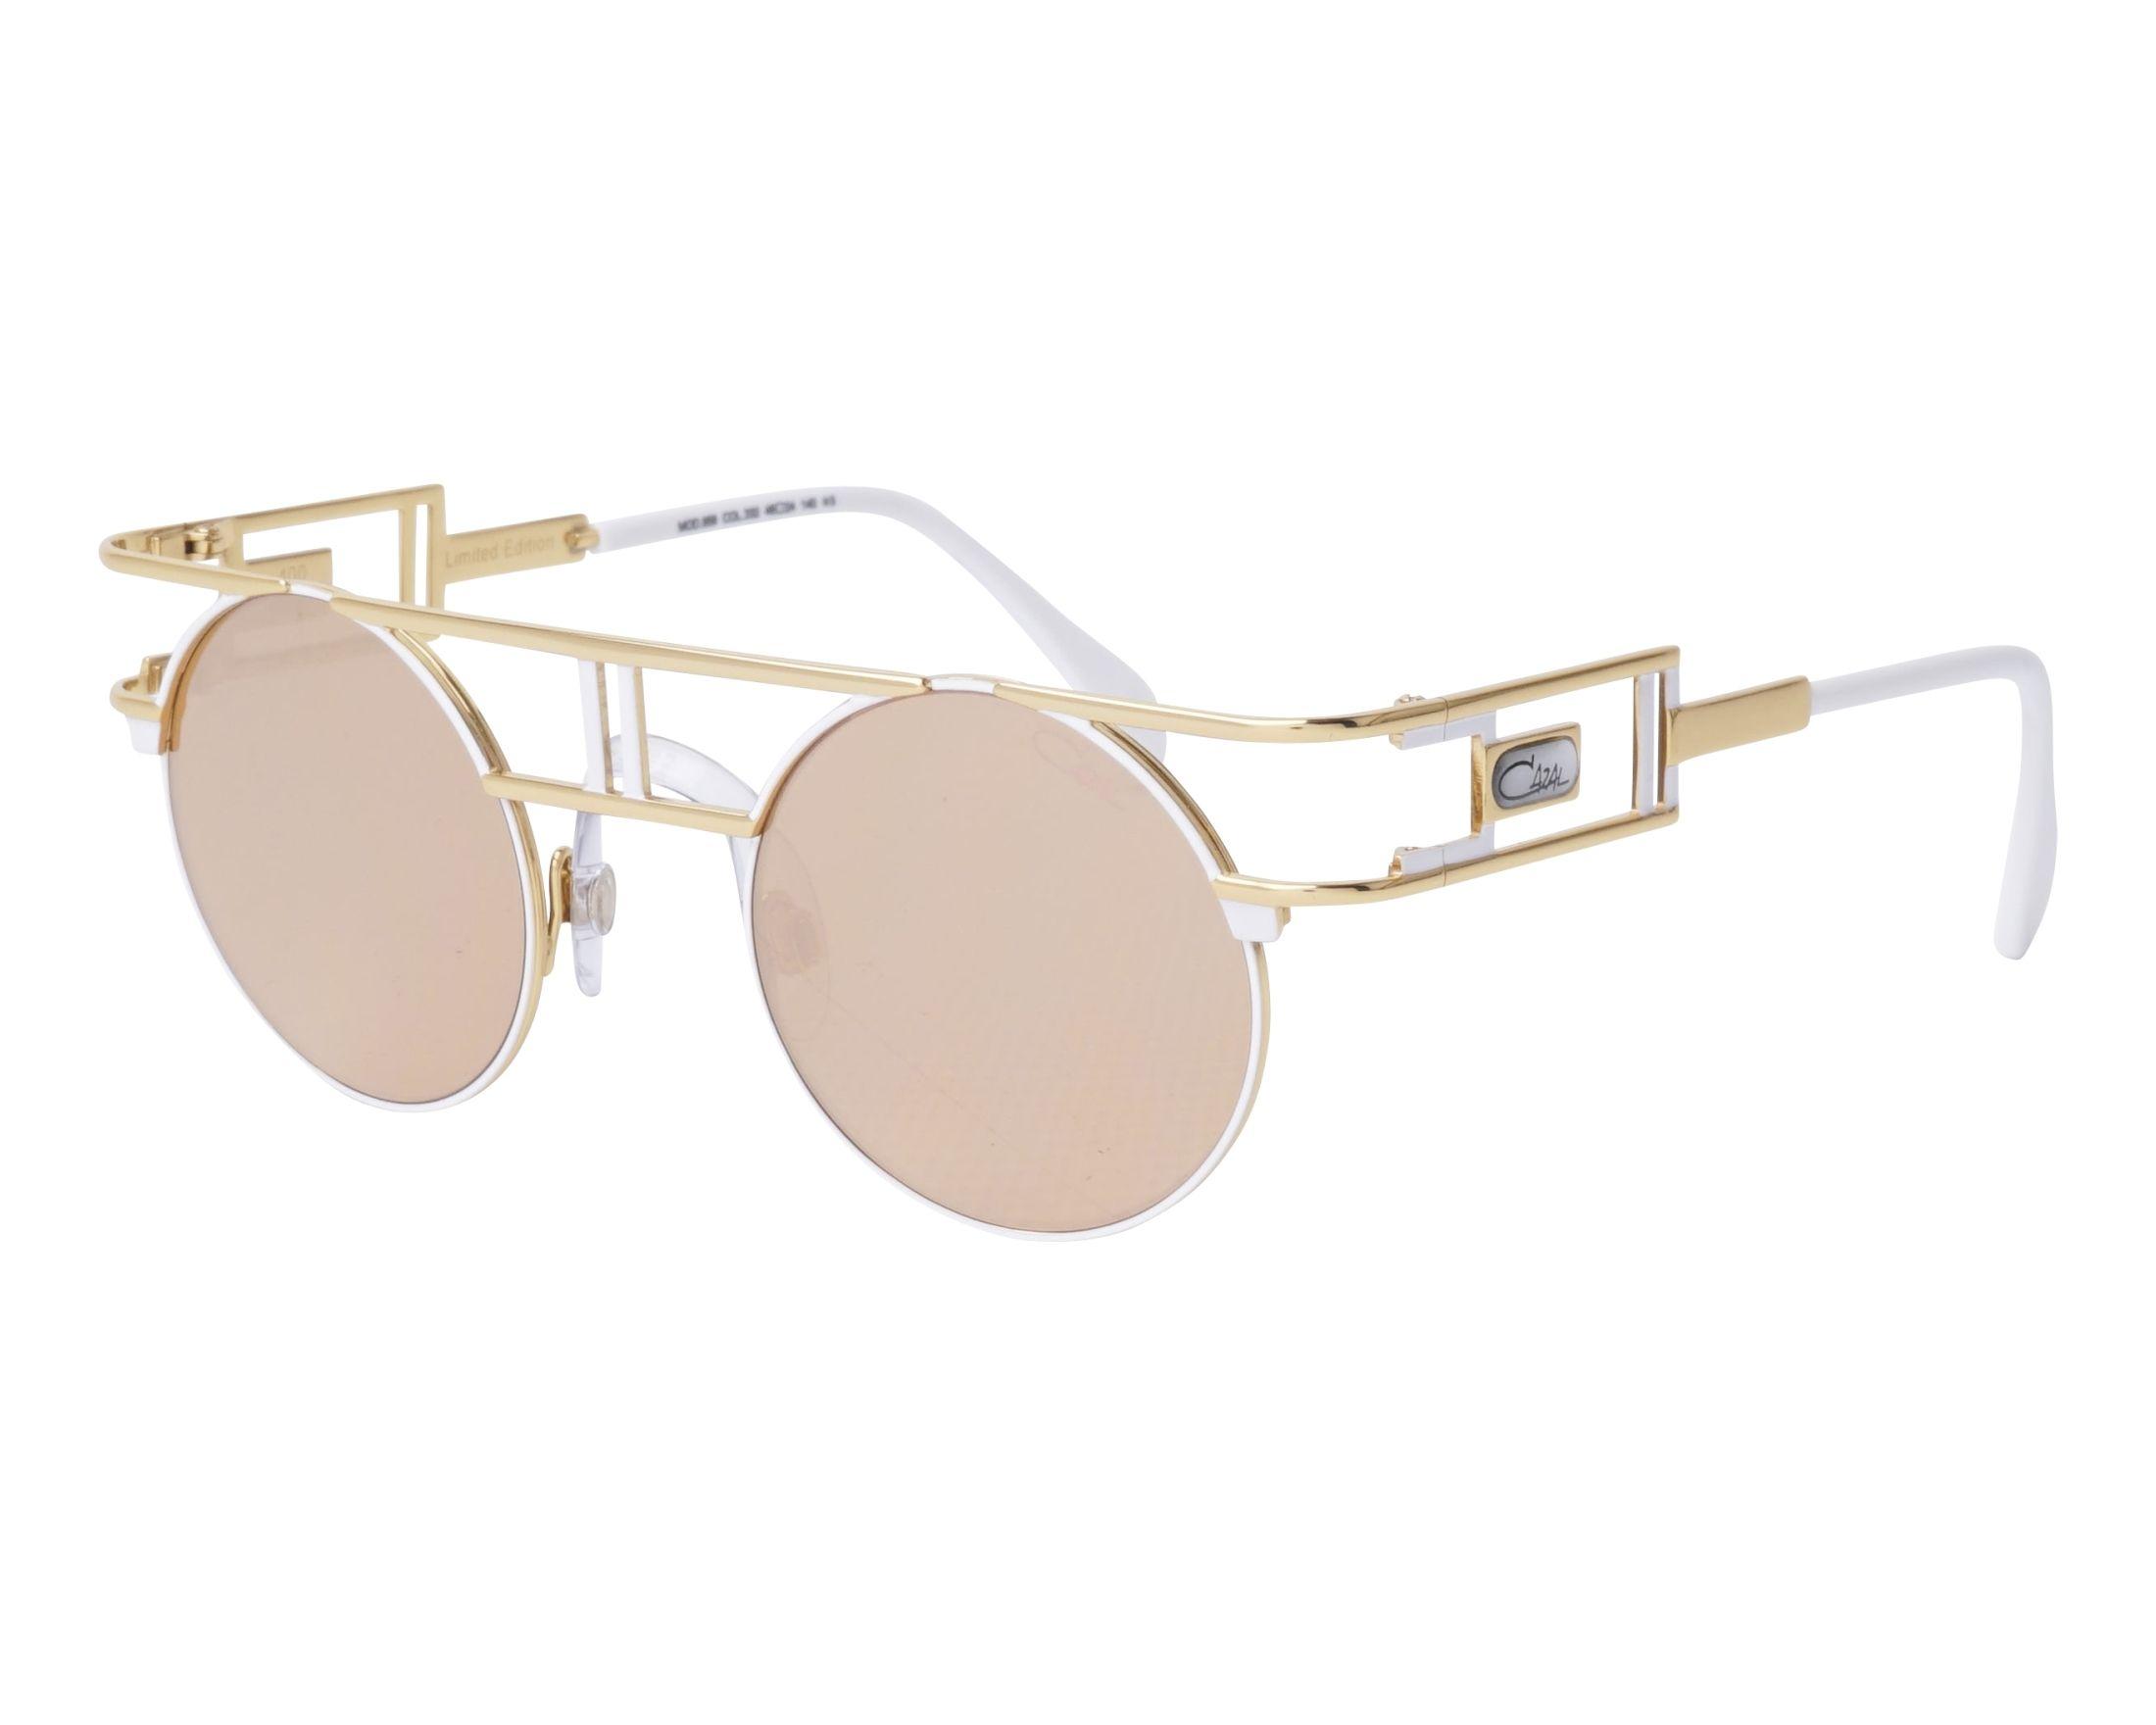 ccd538930fb Sunglasses Cazal 958 332 46-24 White Gold profile view